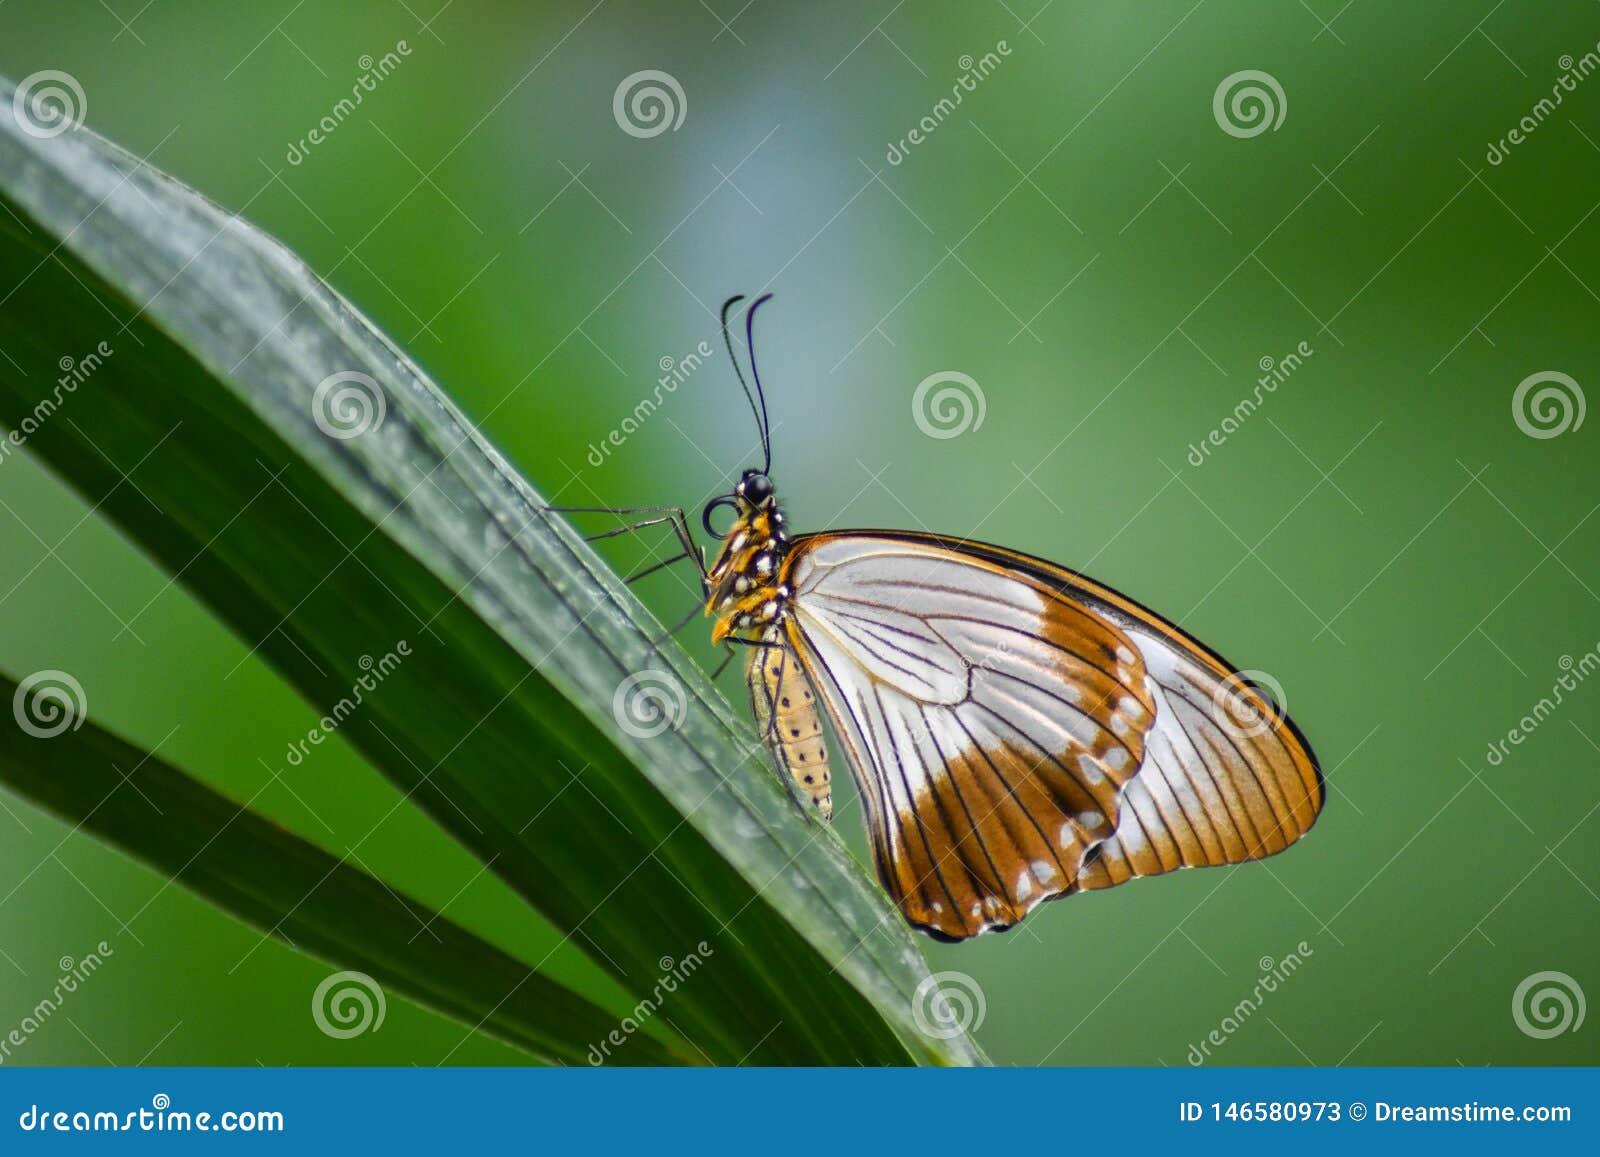 纯净和典雅的蝴蝶